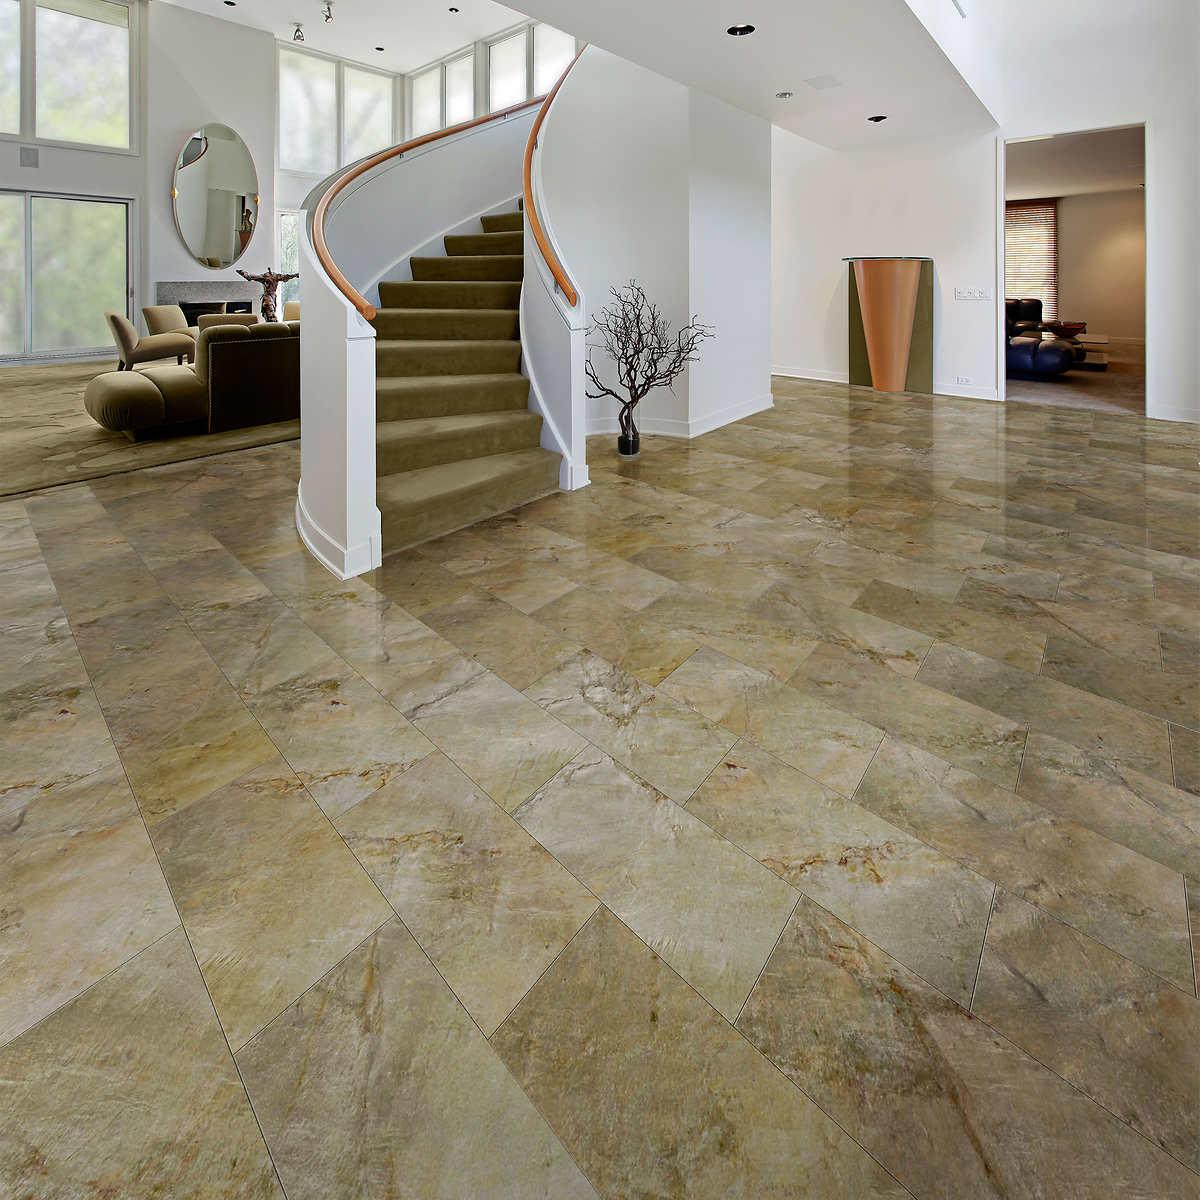 Slate veneer floor tiles 12 in x 24 in box of 14 1 1 doublecrazyfo Image collections